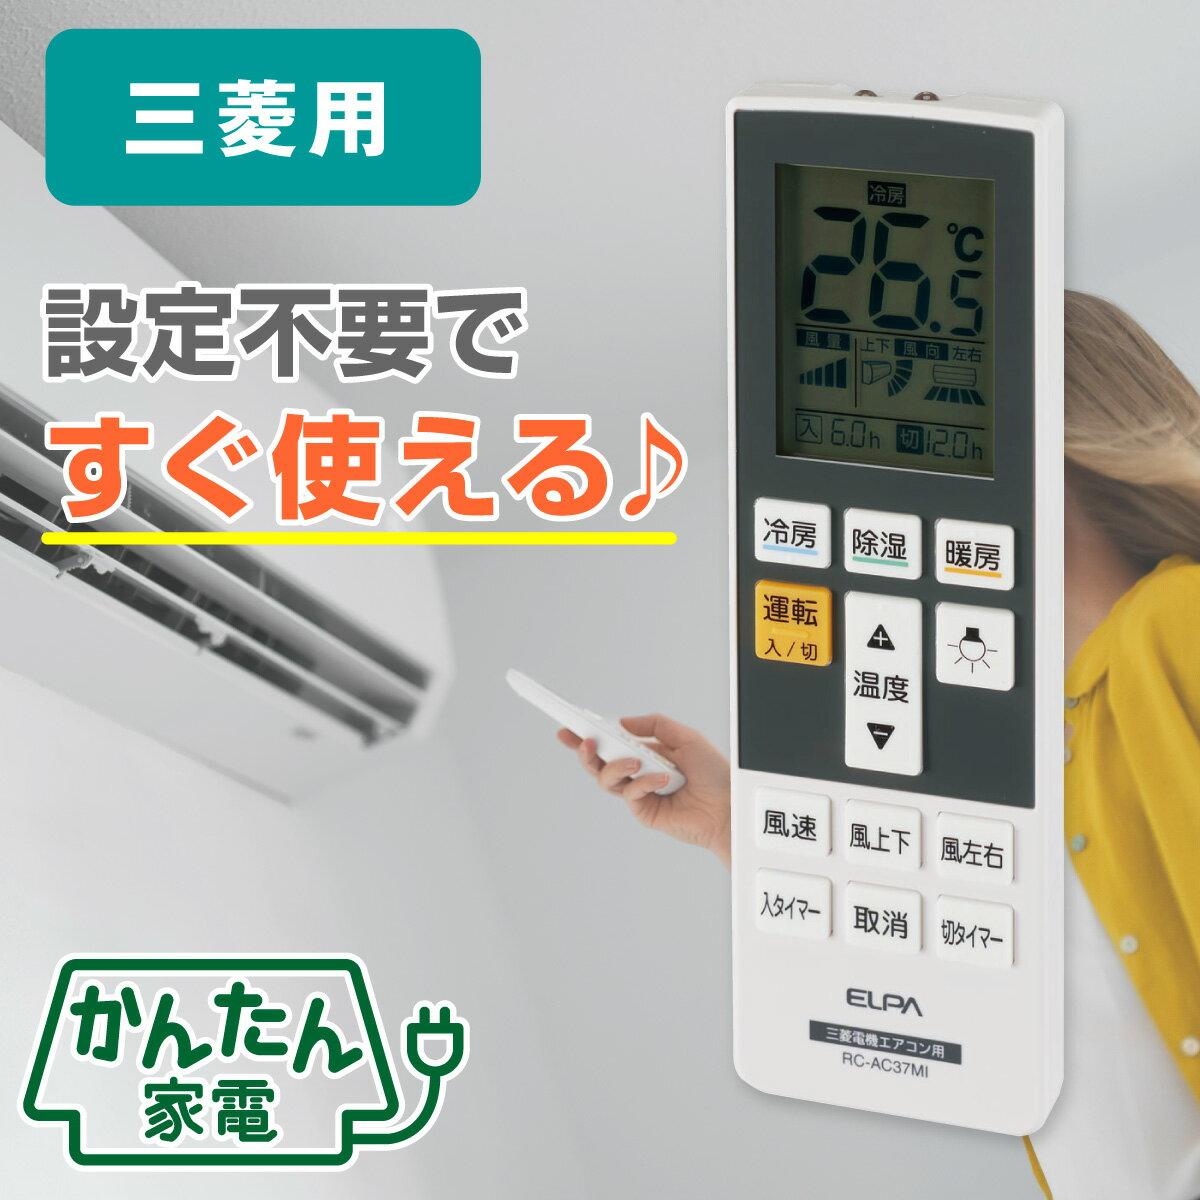 ELPA メーカー別エアコンリモコン 三菱用 RC-AC37MI